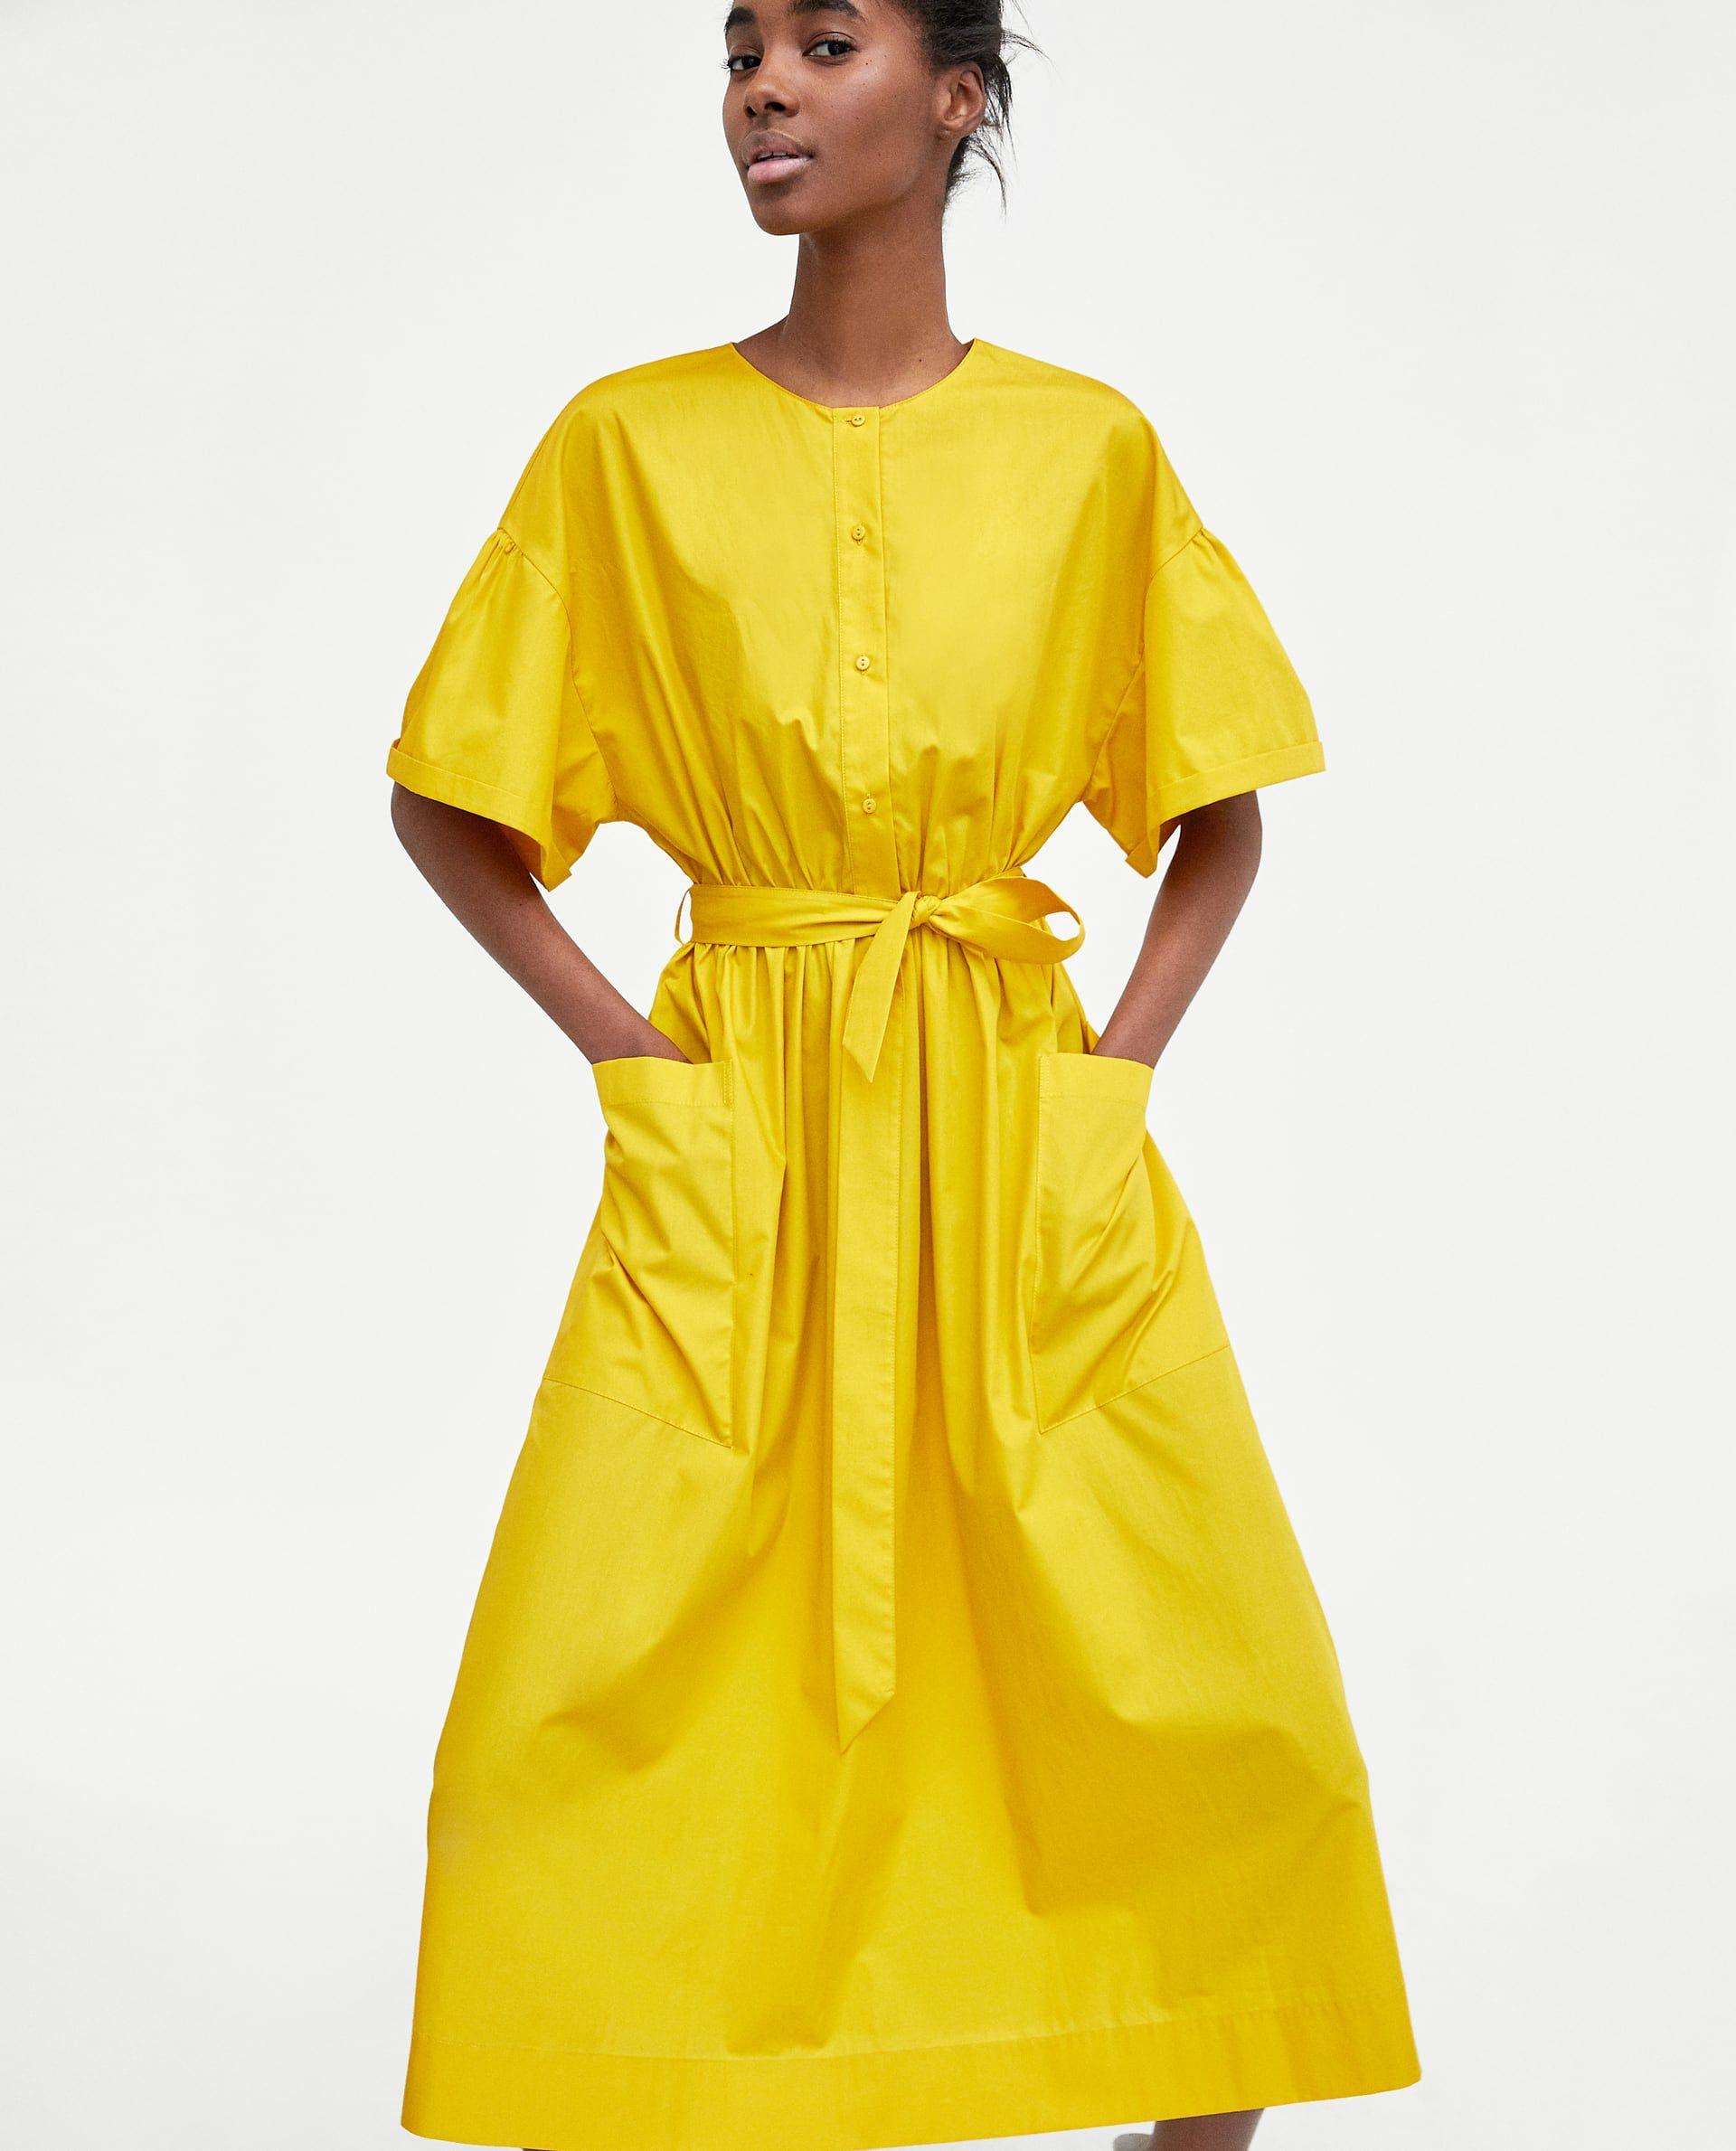 d7e3a4a9337 Women s Dresses